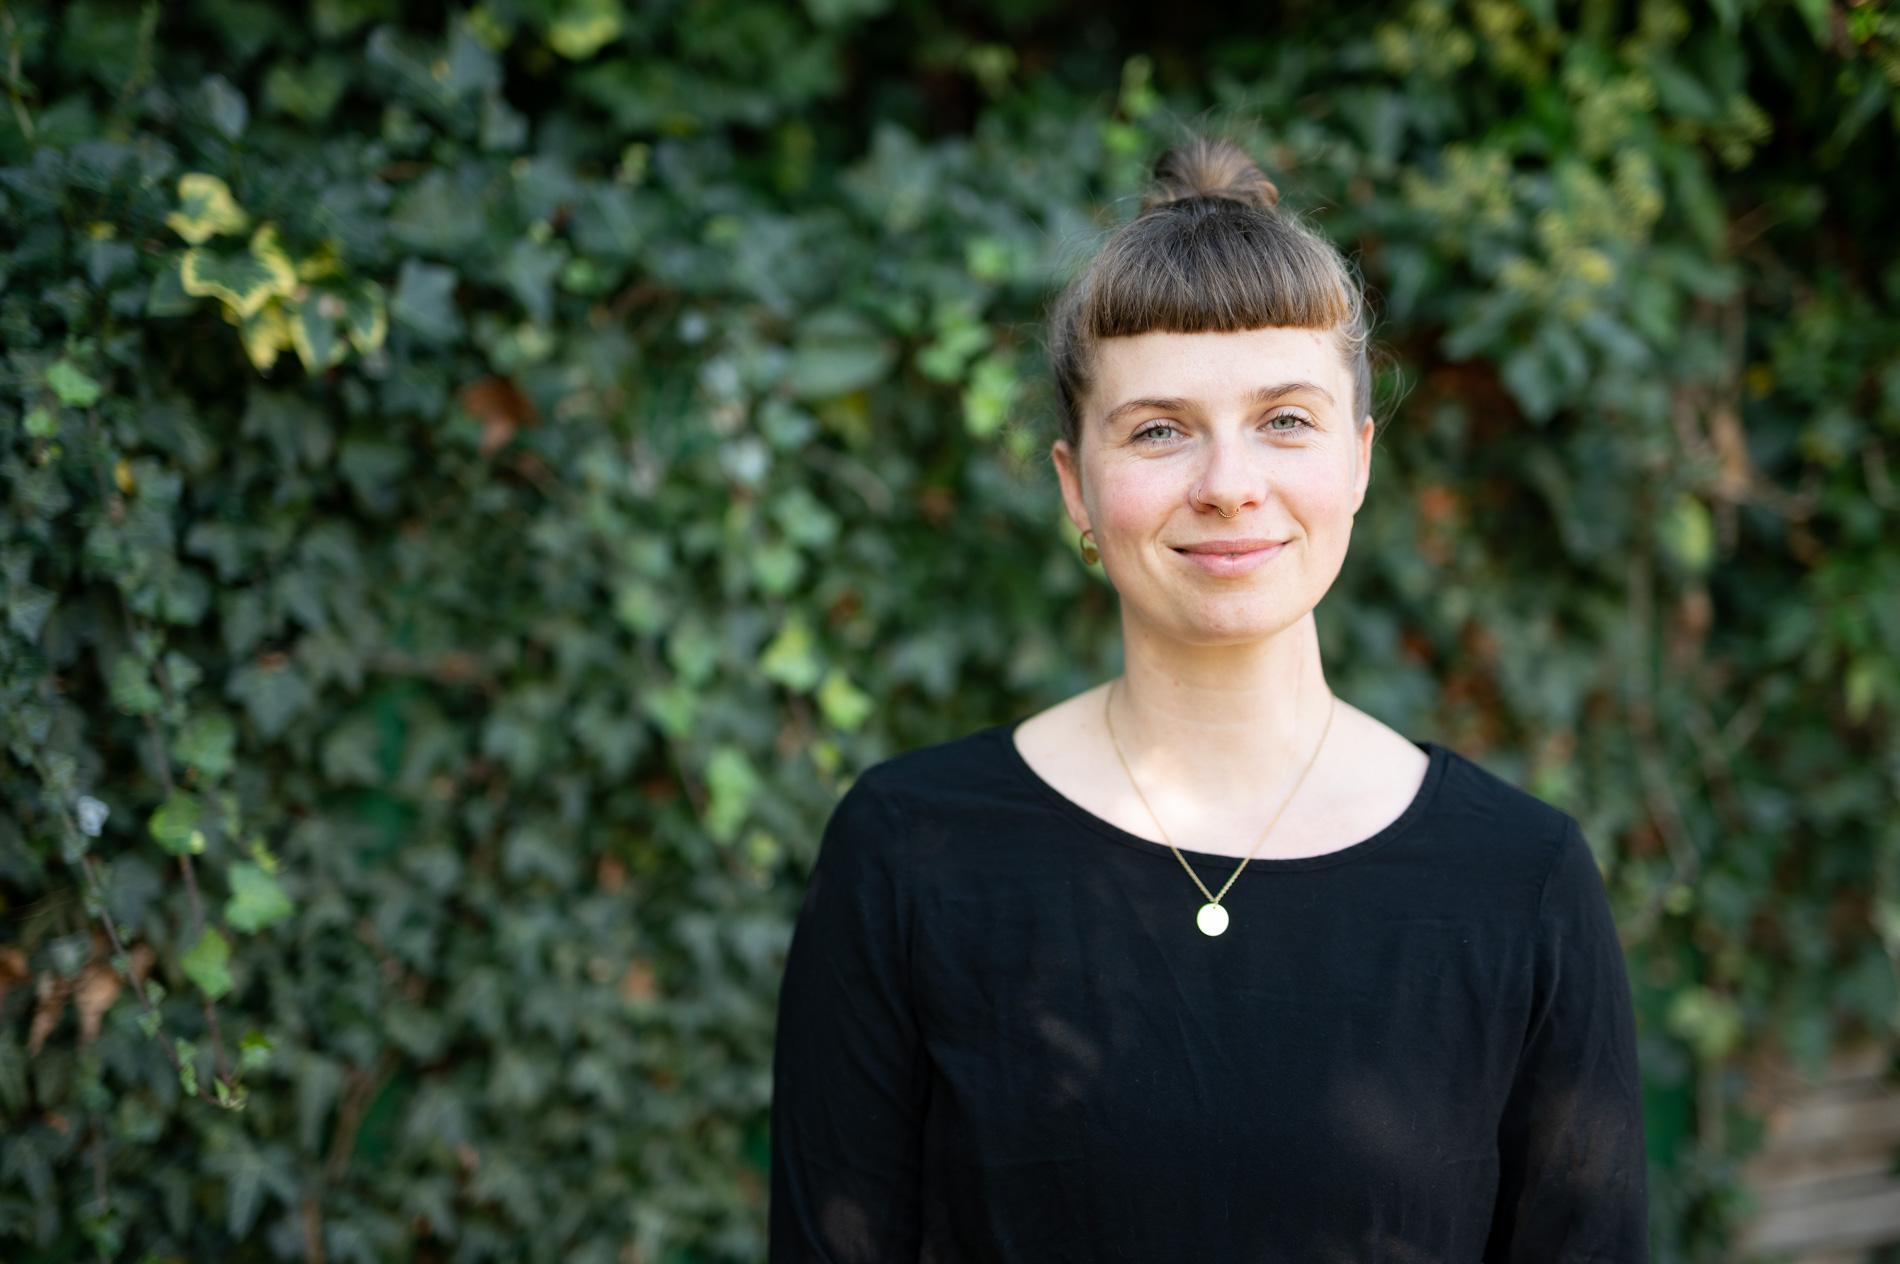 Anne Thelen